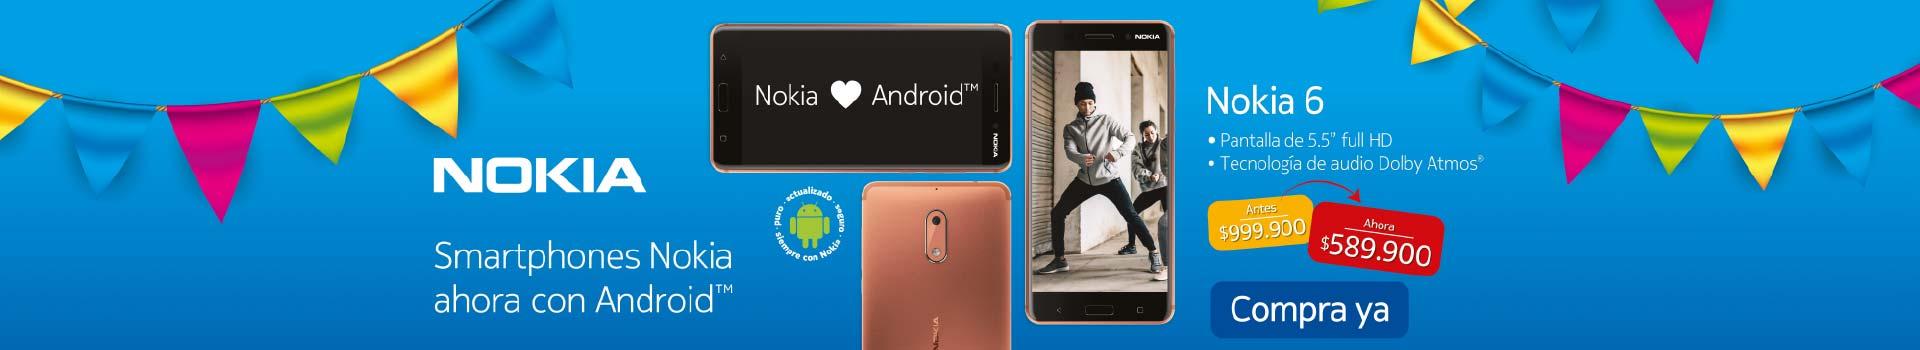 AK-HIPER-5-celulares-PP-EXP-Nokia-6-Ago15